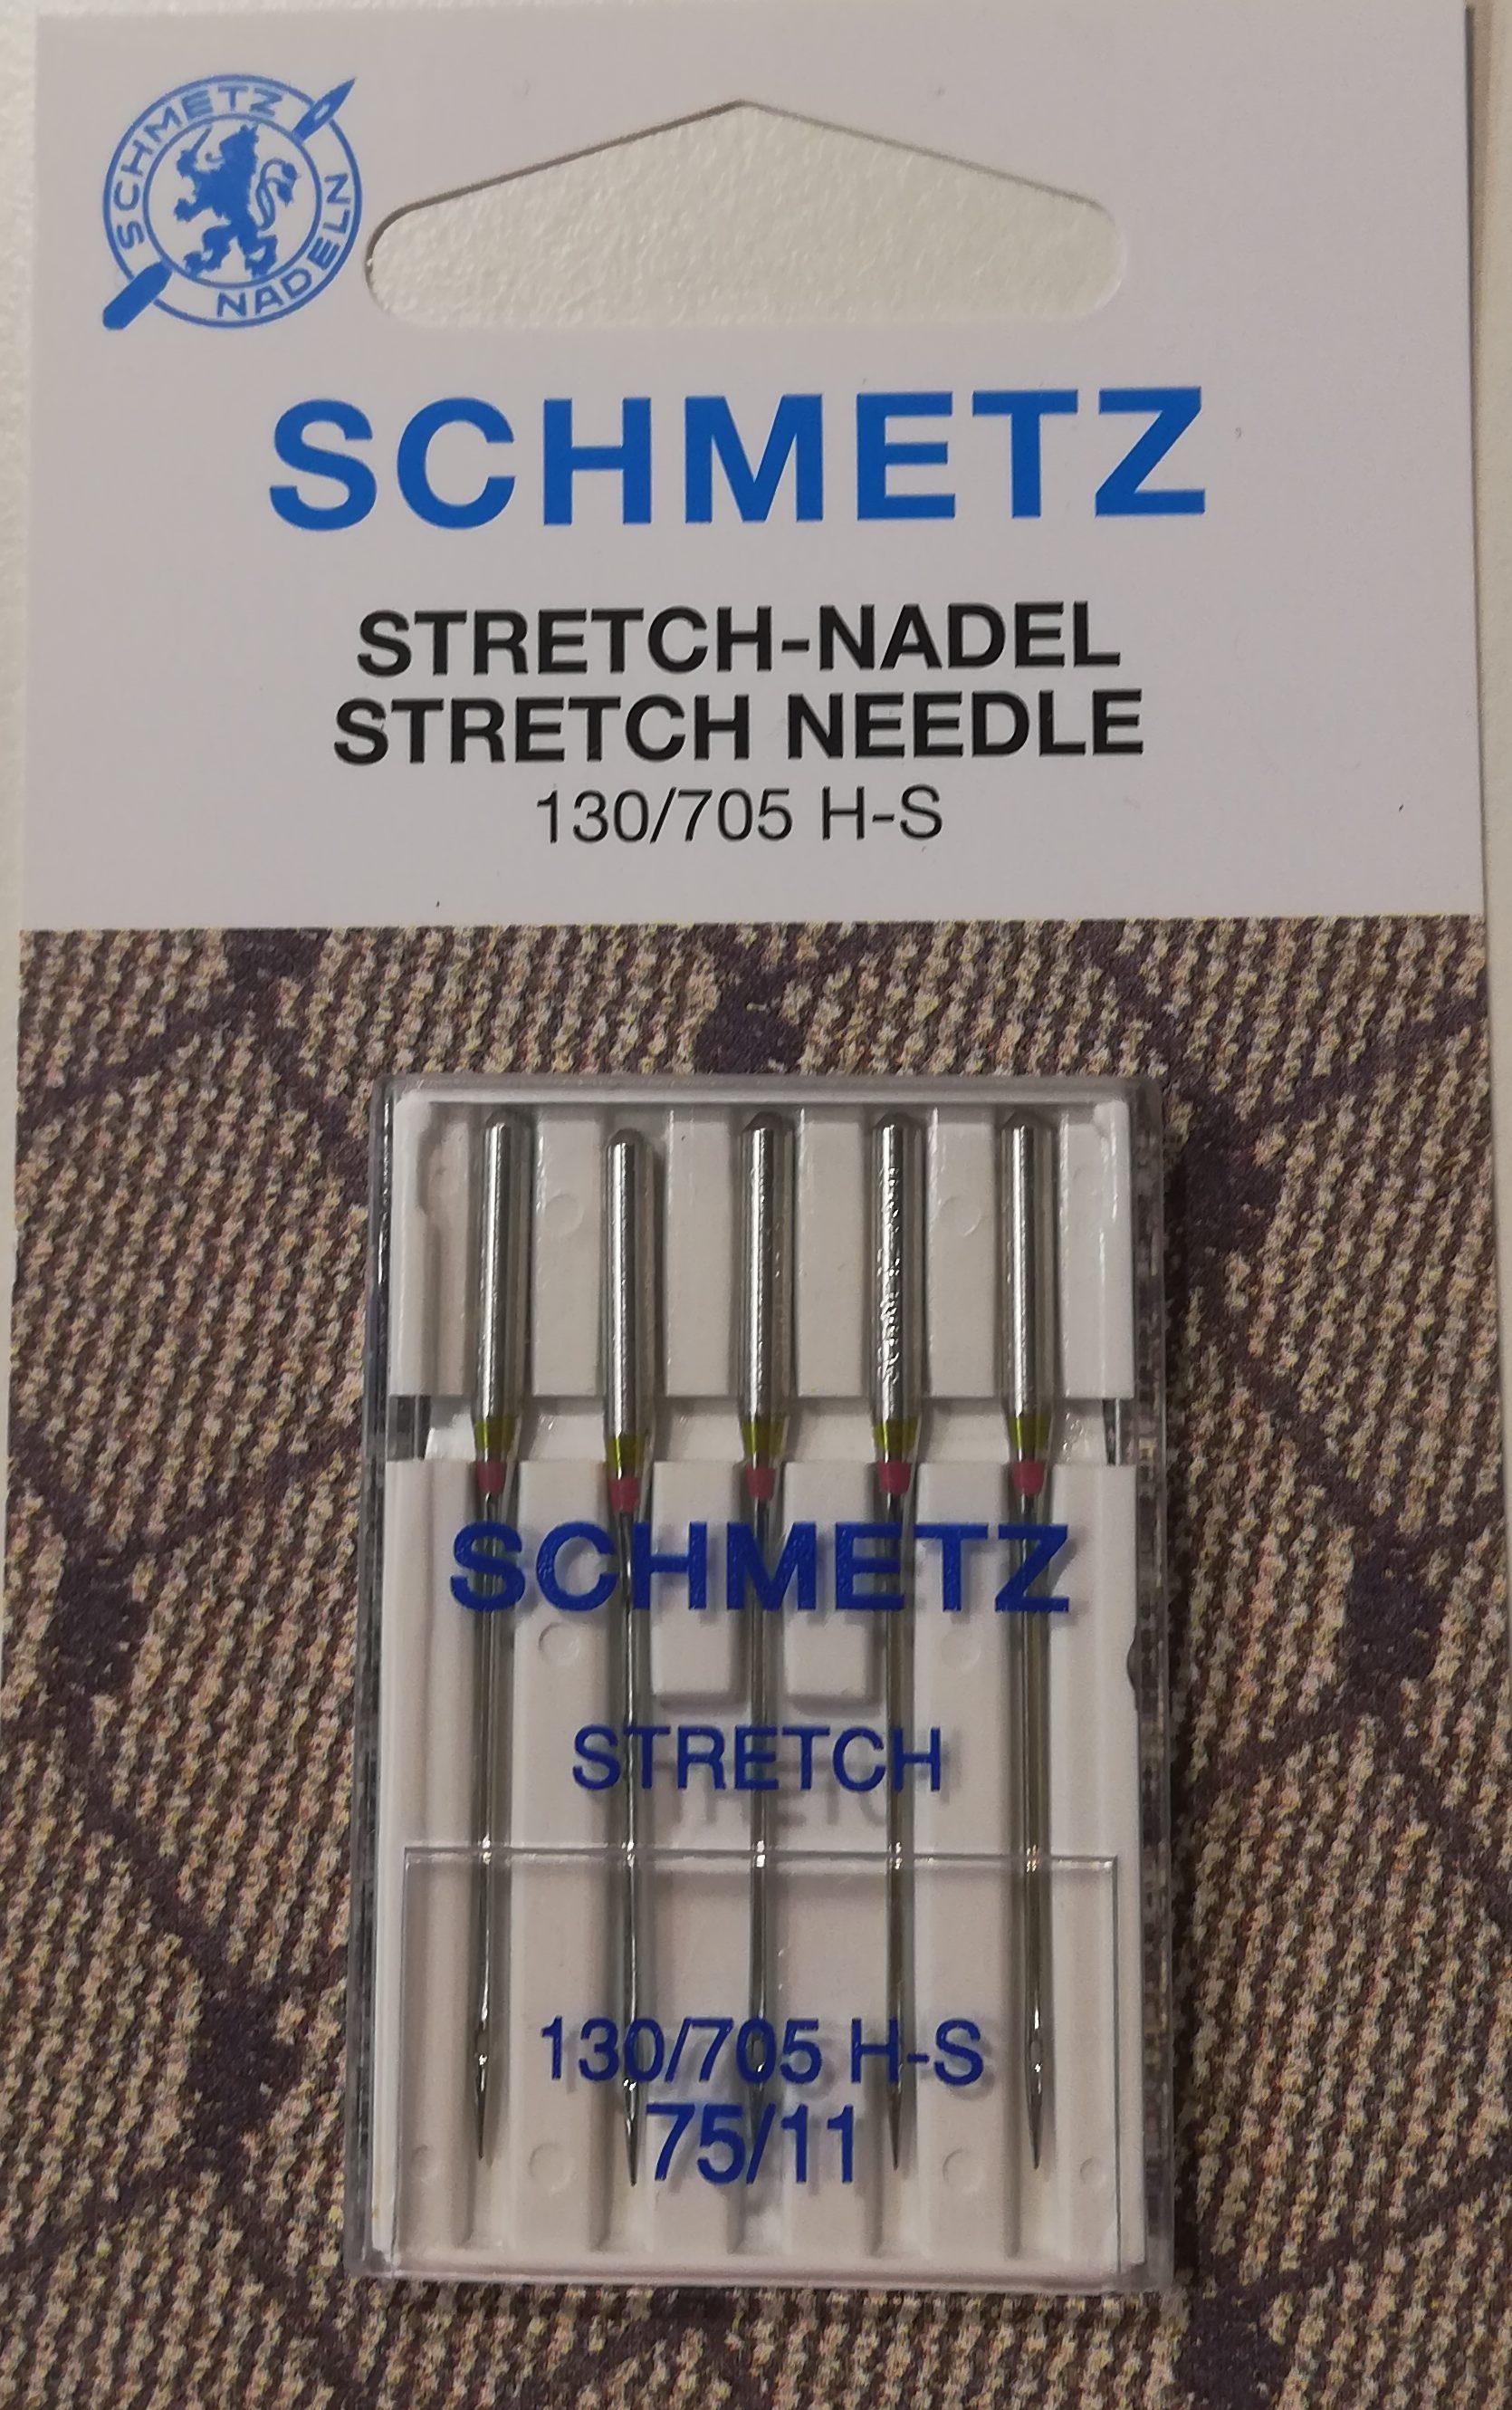 Schmetz stretchnaalden dikte 75